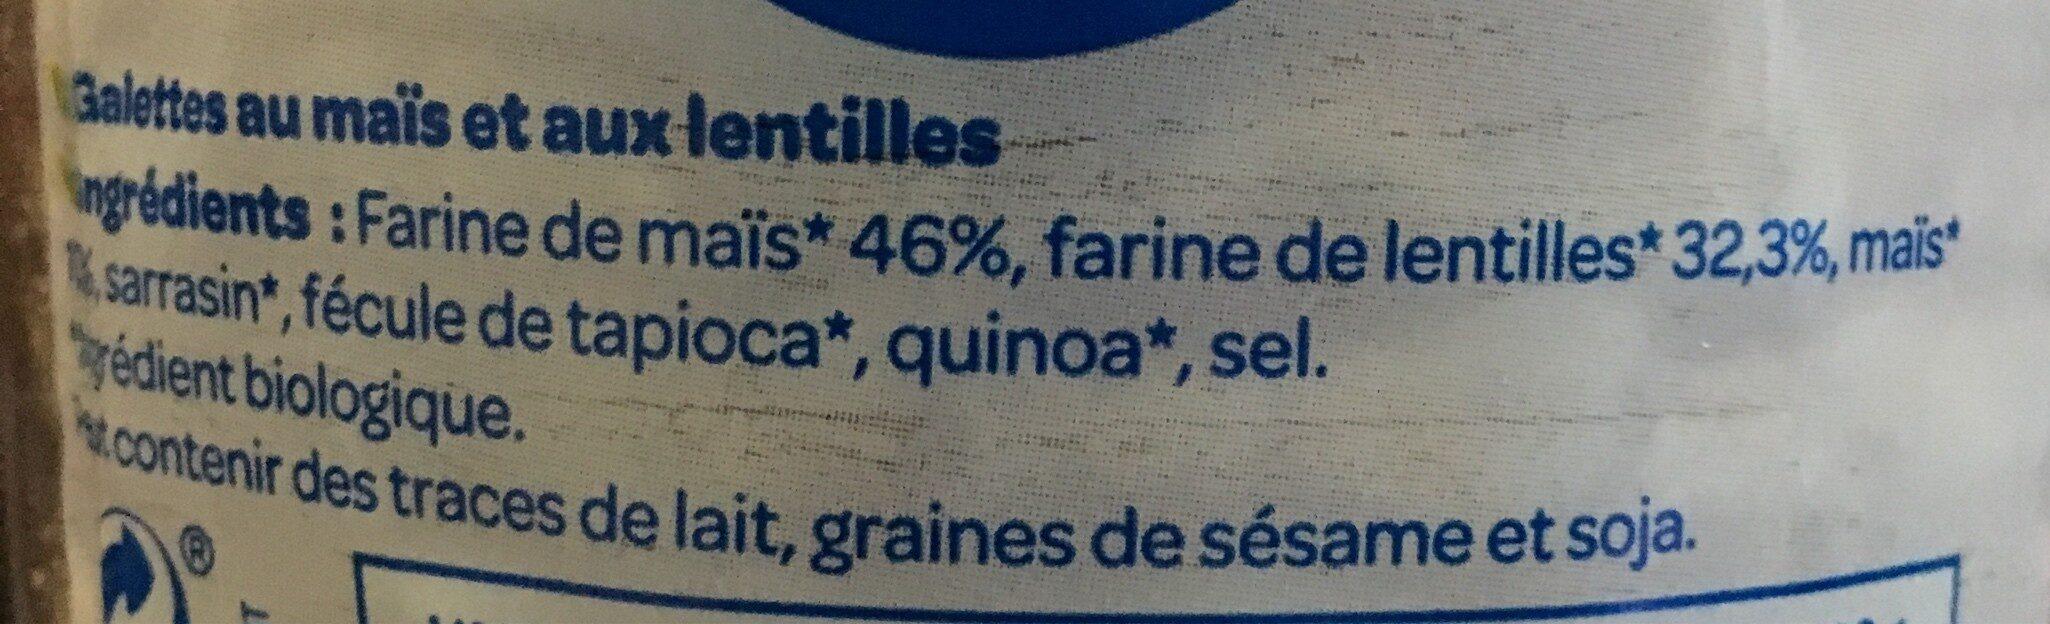 Galette protéines lentille - Ingrédients - fr